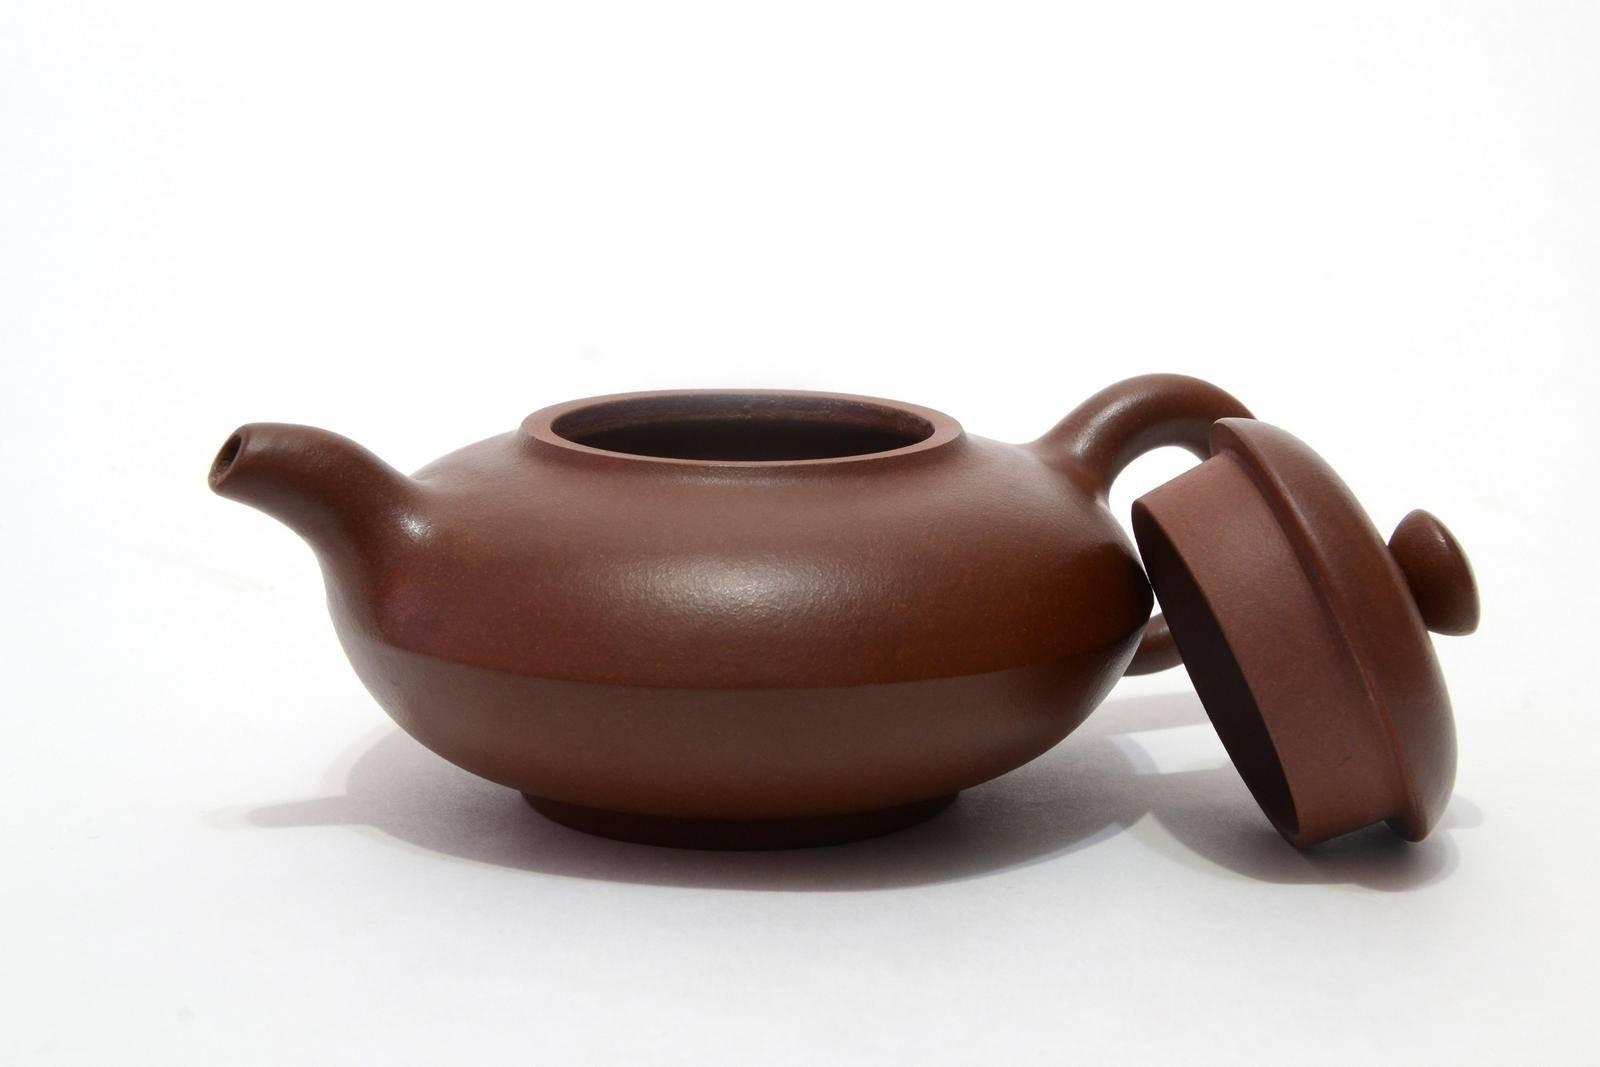 Рекомендации по выбору чайника для заваривания чая, лучшие модели